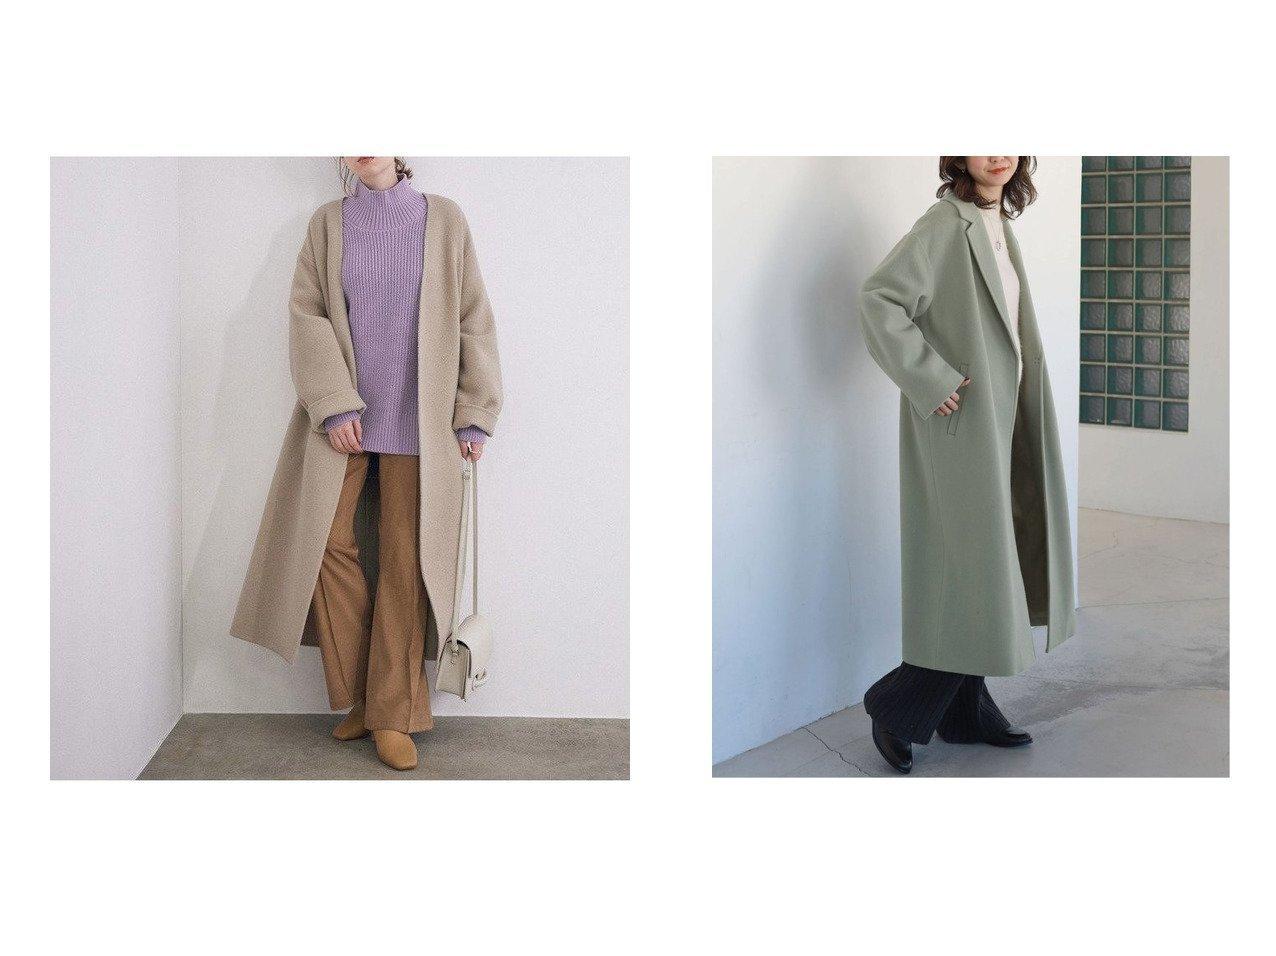 【SLOBE IENA/スローブ イエナ】の《追加》SUPER100 ロングチェスターコート&【ROPE' mademoiselle/ロペ マドモアゼル】の【ベルト付き】ノーカラーリバーウールロングコート アウターのおすすめ!人気、トレンド・レディースファッションの通販 おすすめで人気の流行・トレンド、ファッションの通販商品 メンズファッション・キッズファッション・インテリア・家具・レディースファッション・服の通販 founy(ファニー) https://founy.com/ ファッション Fashion レディースファッション WOMEN アウター Coat Outerwear コート Coats チェスターコート Top Coat ベルト Belts シンプル ストライプ スリット チェスターコート A/W 秋冬 AW Autumn/Winter / FW Fall-Winter 2020年 2020 2020-2021 秋冬 A/W AW Autumn/Winter / FW Fall-Winter 2020-2021 NEW・新作・新着・新入荷 New Arrivals スウェット スタイリッシュ タートル ネックレス ビッグ フェミニン ポケット |ID:crp329100000011875